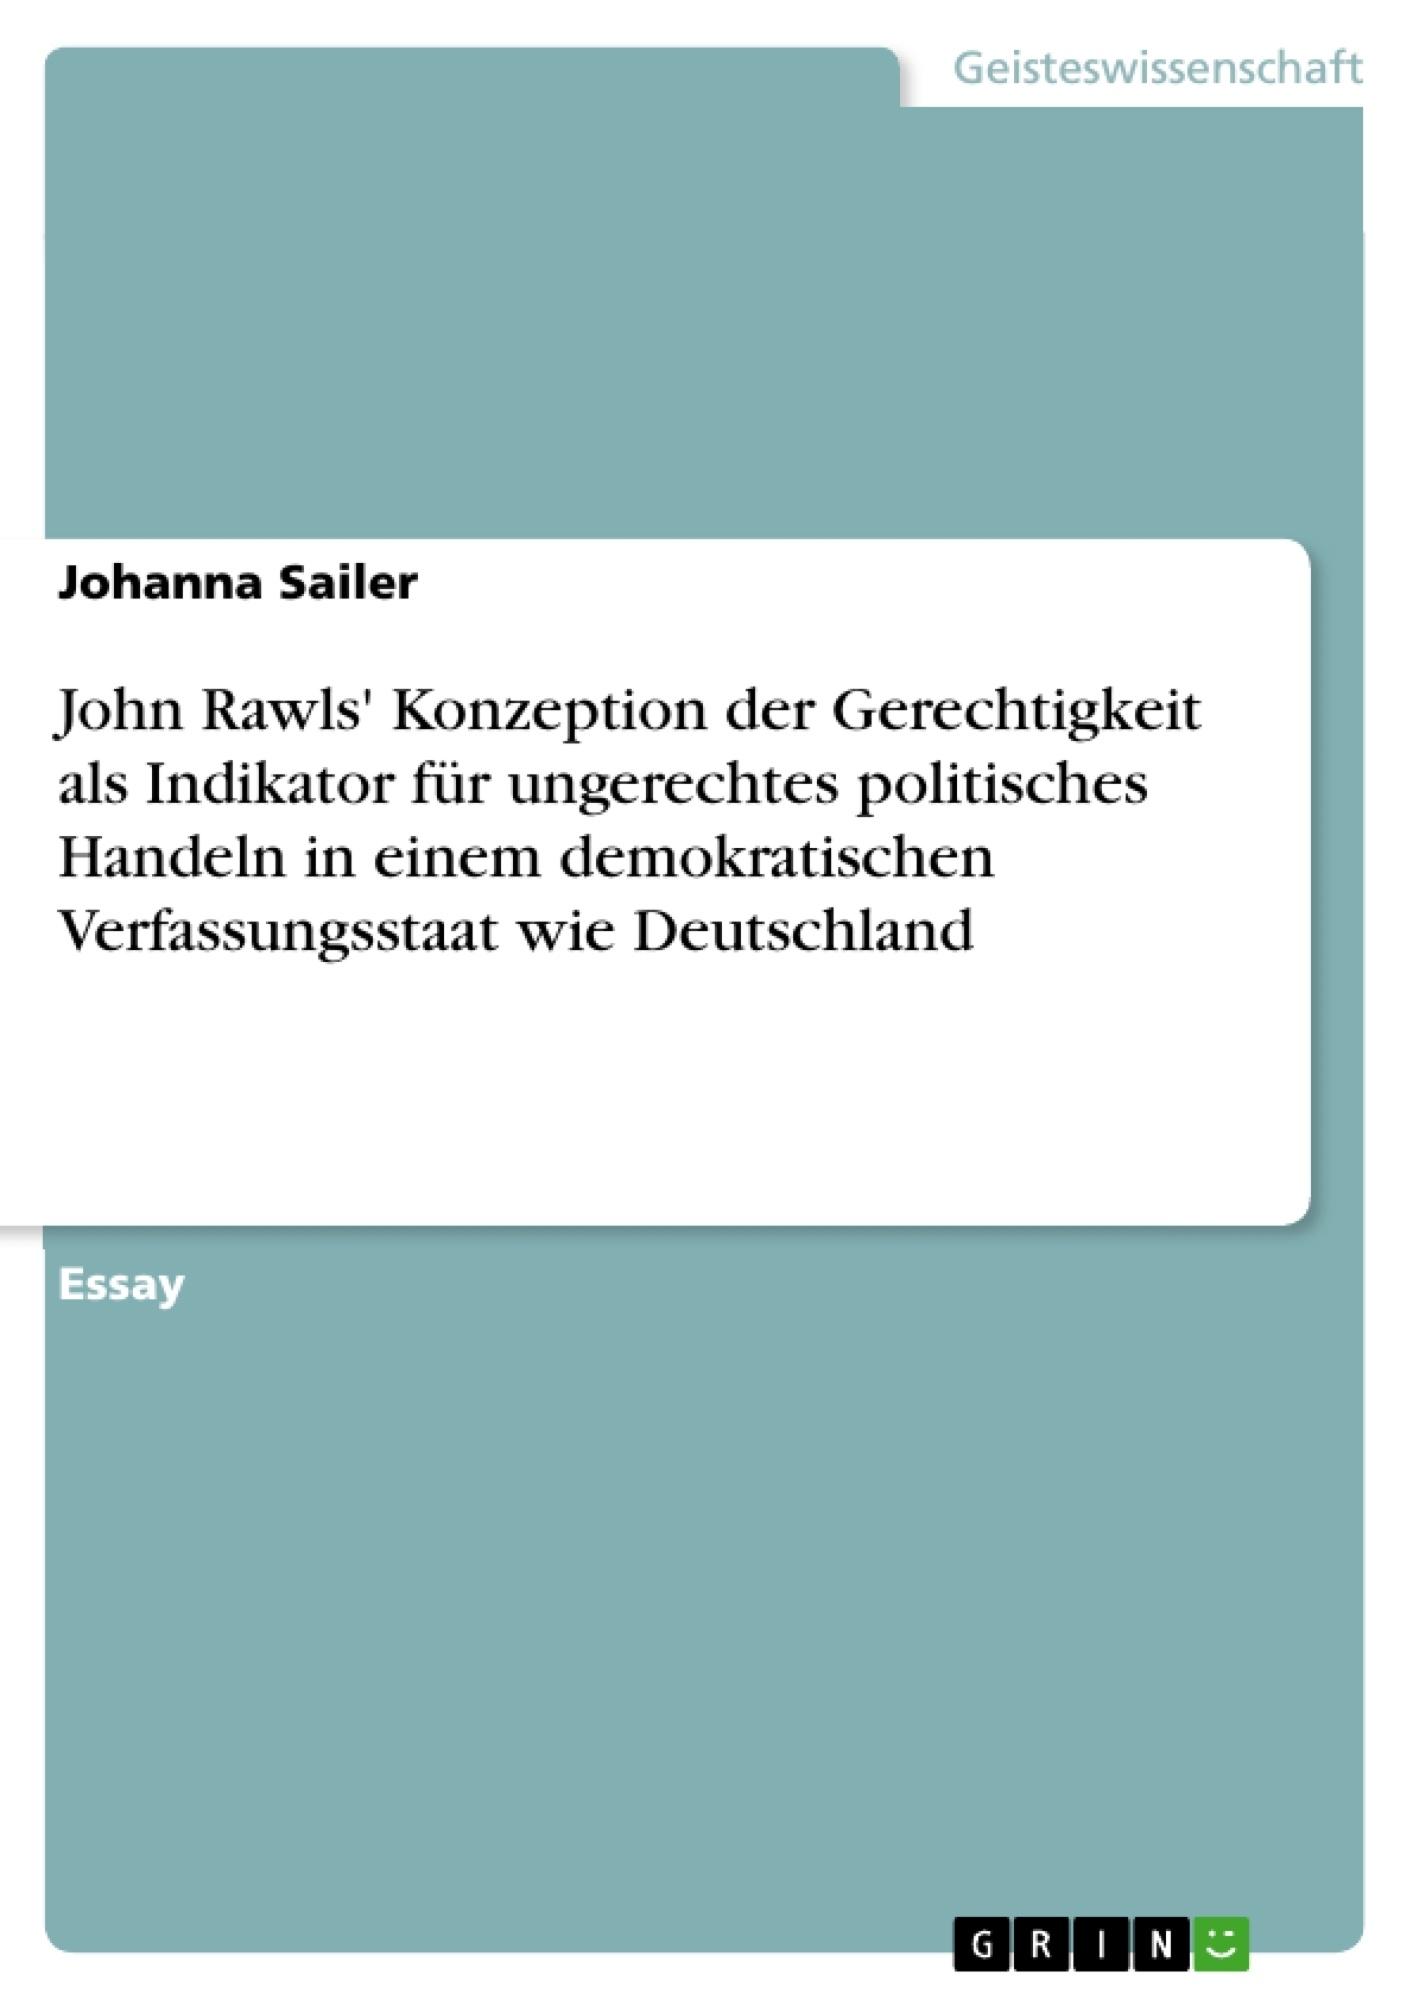 Titel: John Rawls' Konzeption der Gerechtigkeit als Indikator für ungerechtes politisches Handeln in einem demokratischen Verfassungsstaat wie Deutschland